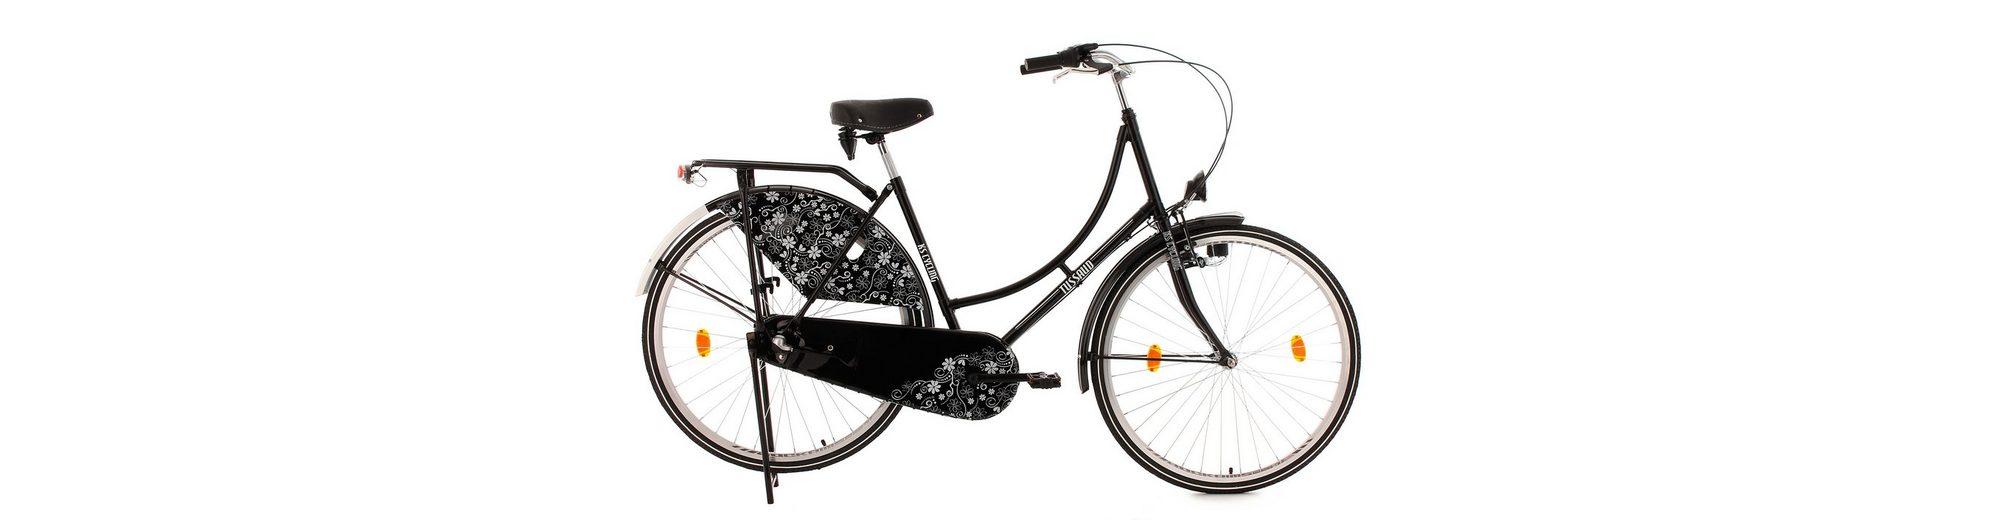 Hollandrad, 28 Zoll, schwarz, 3 Gang Nabenschaltung, »Tussaud Blütezeit«, KS Cycling